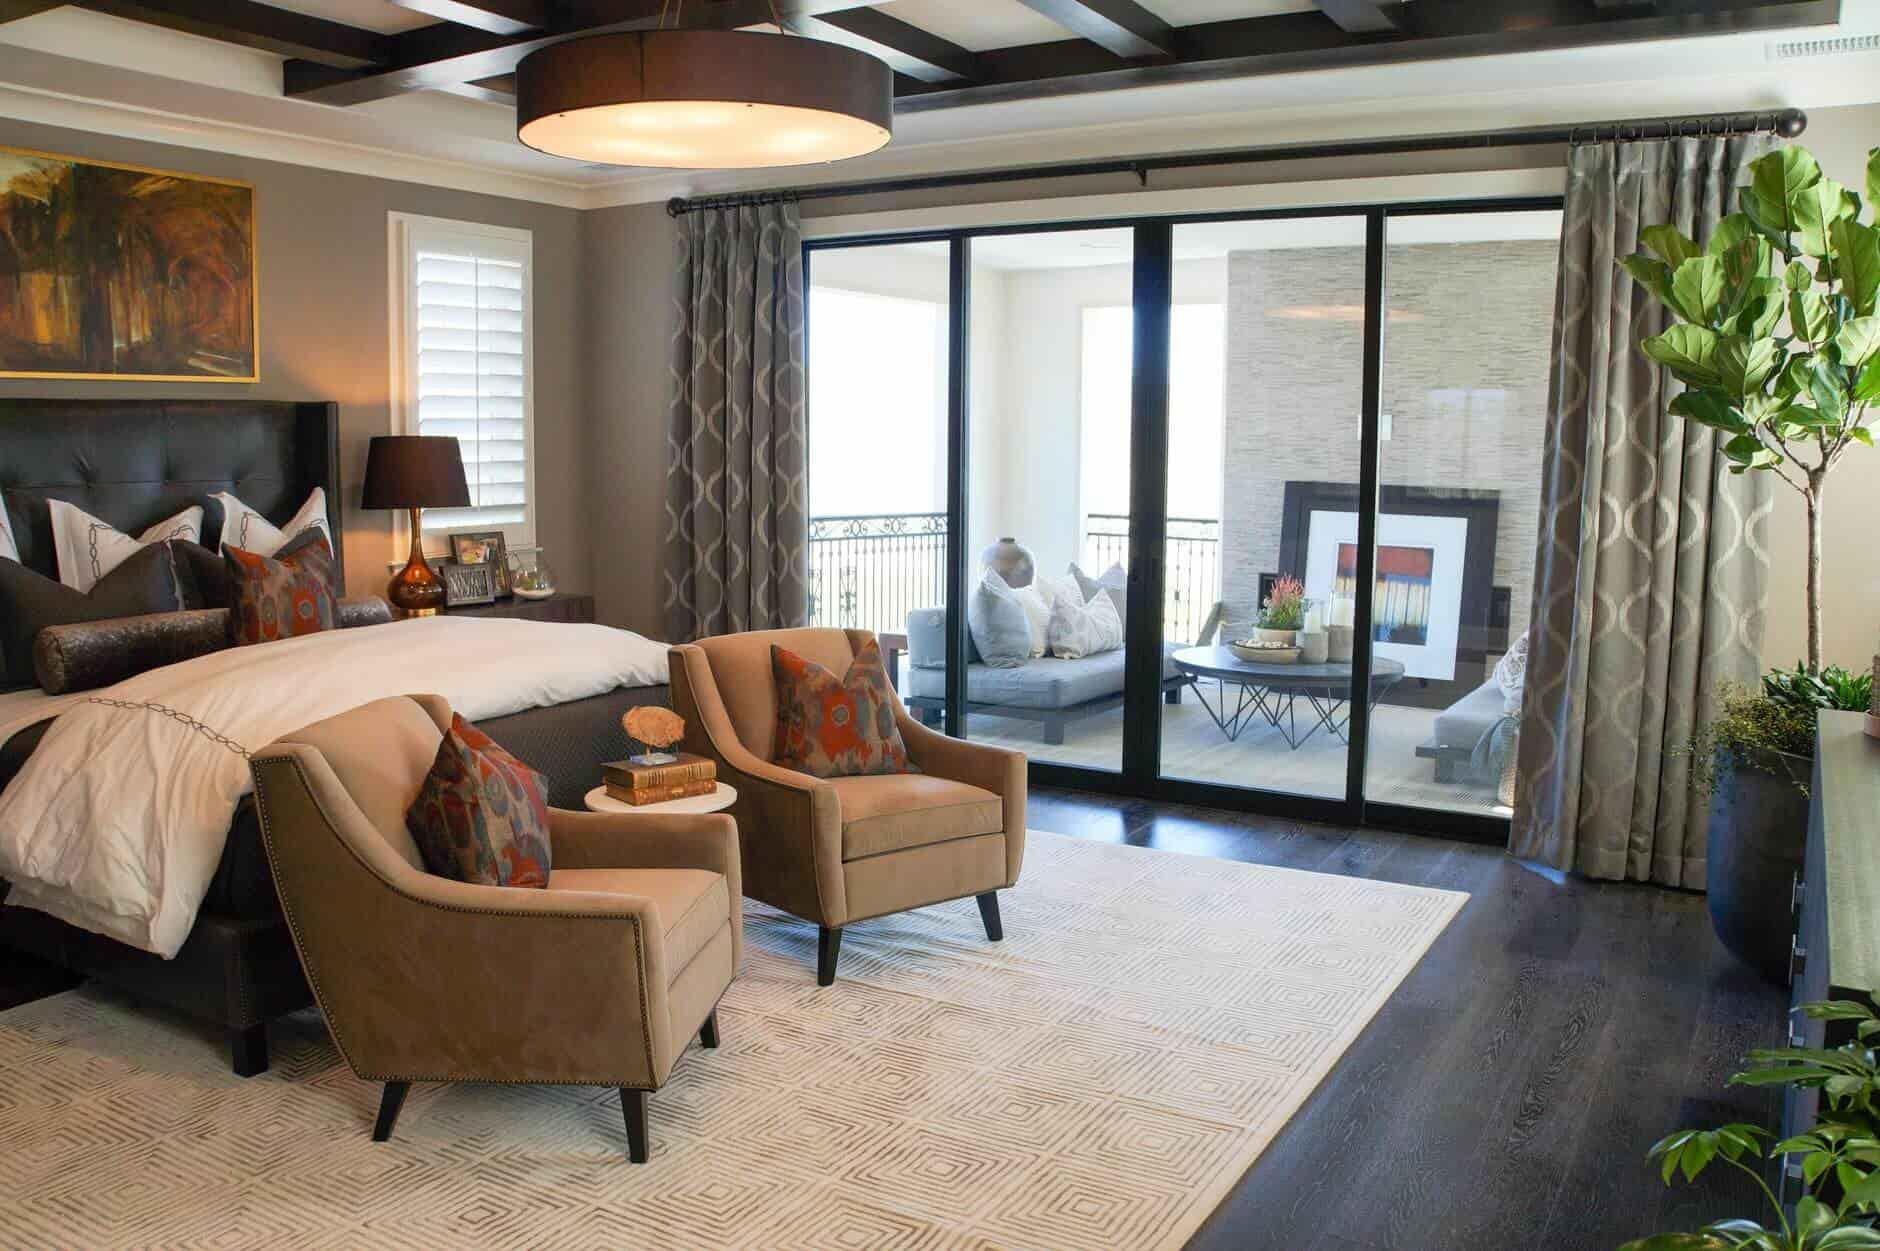 Master bedroom renovation Ideas 2